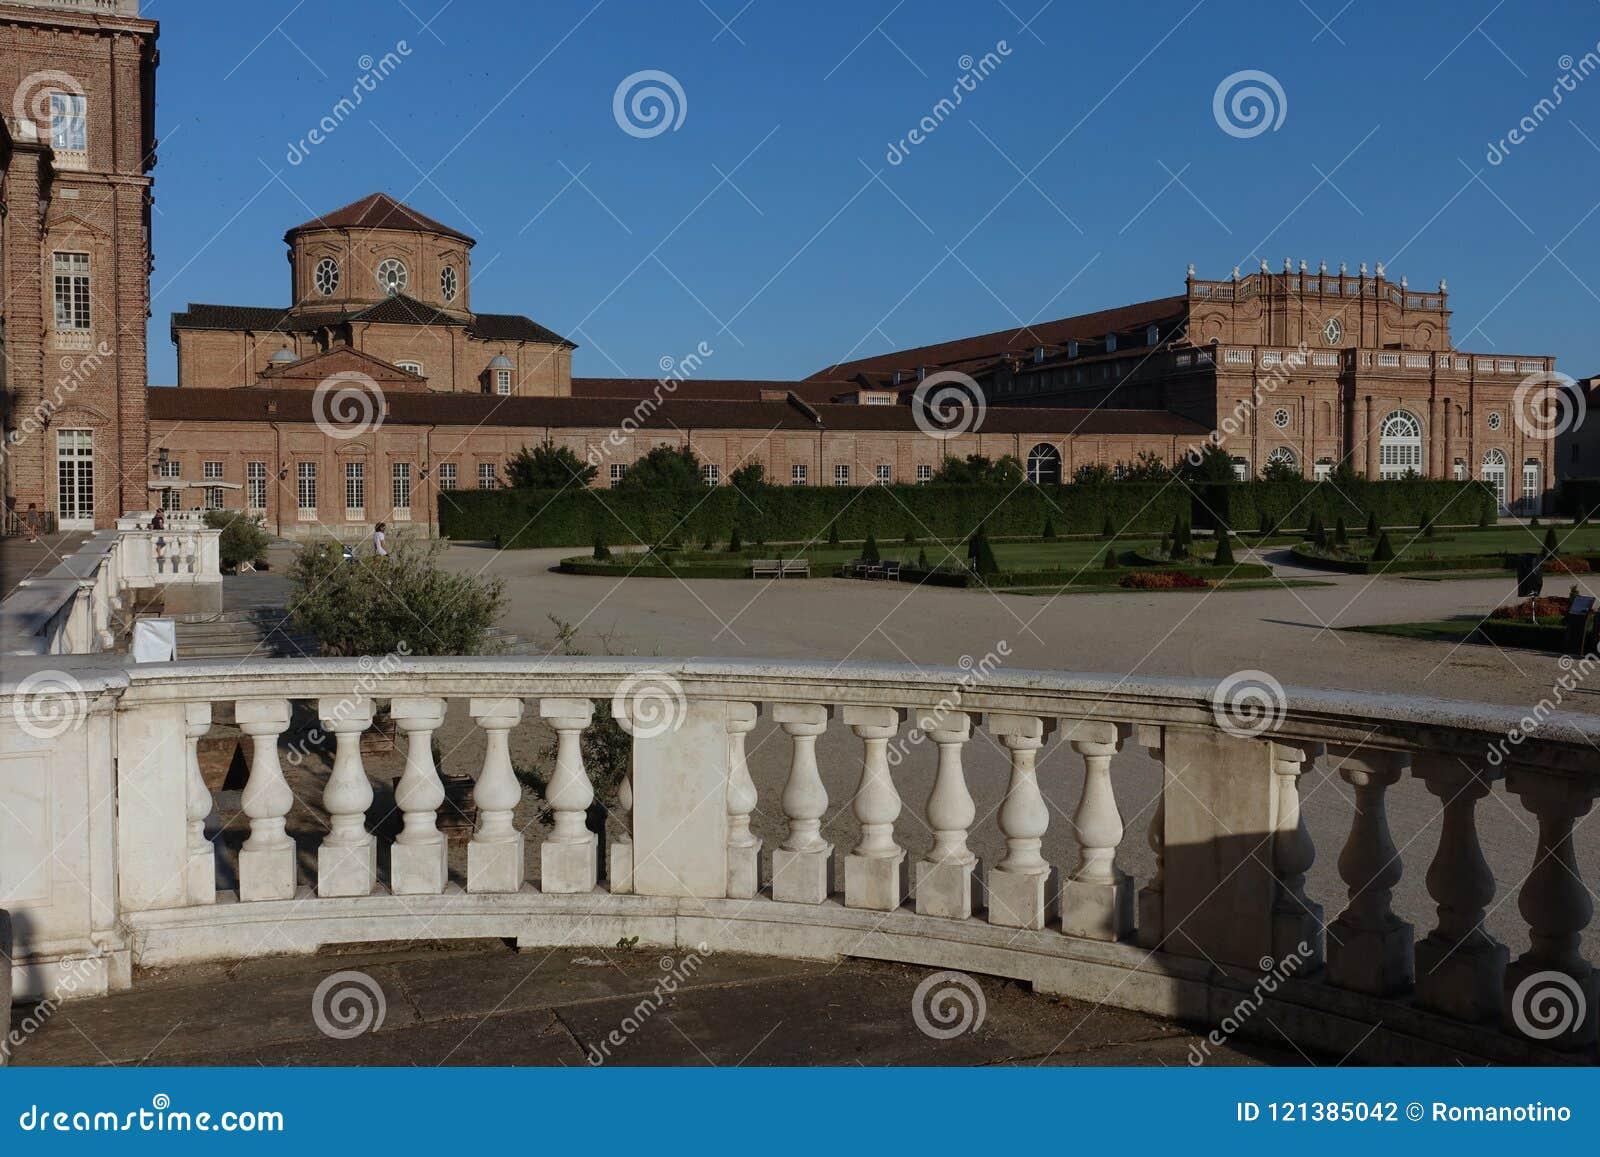 Turin der königliche Palast von Venaria Reale